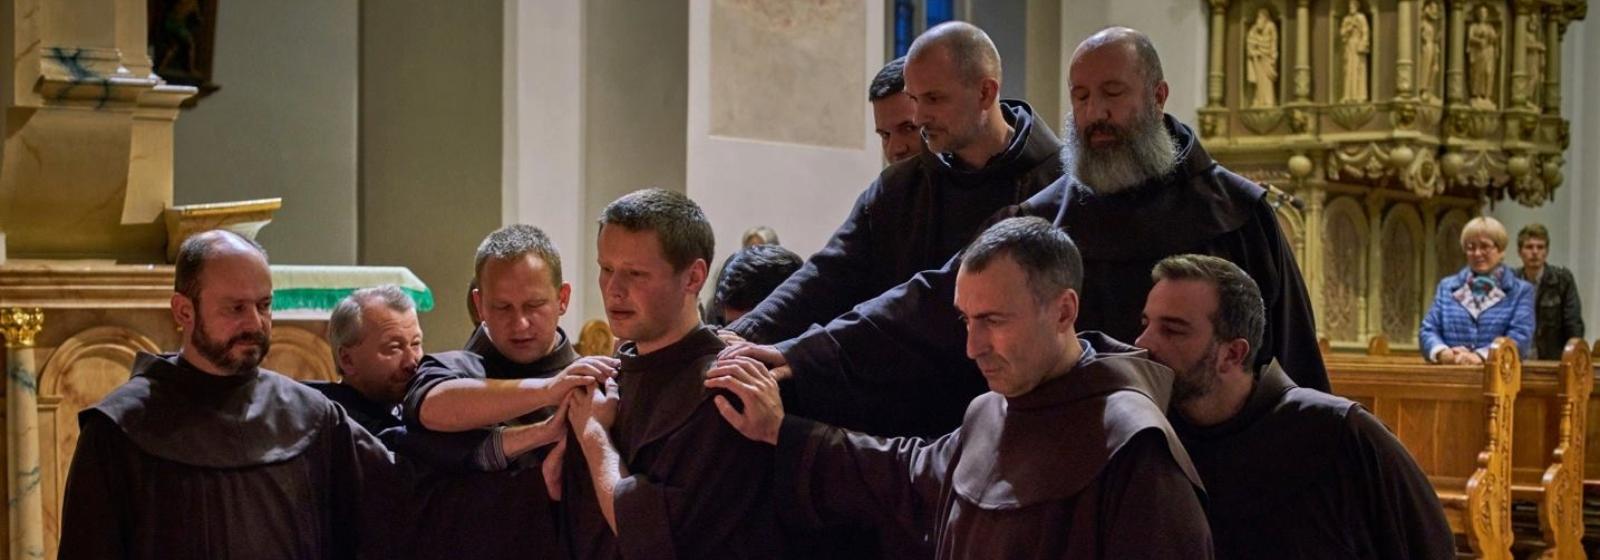 Professione perpetua di fr. Adomas e visita fraterna alla Provincia lituana